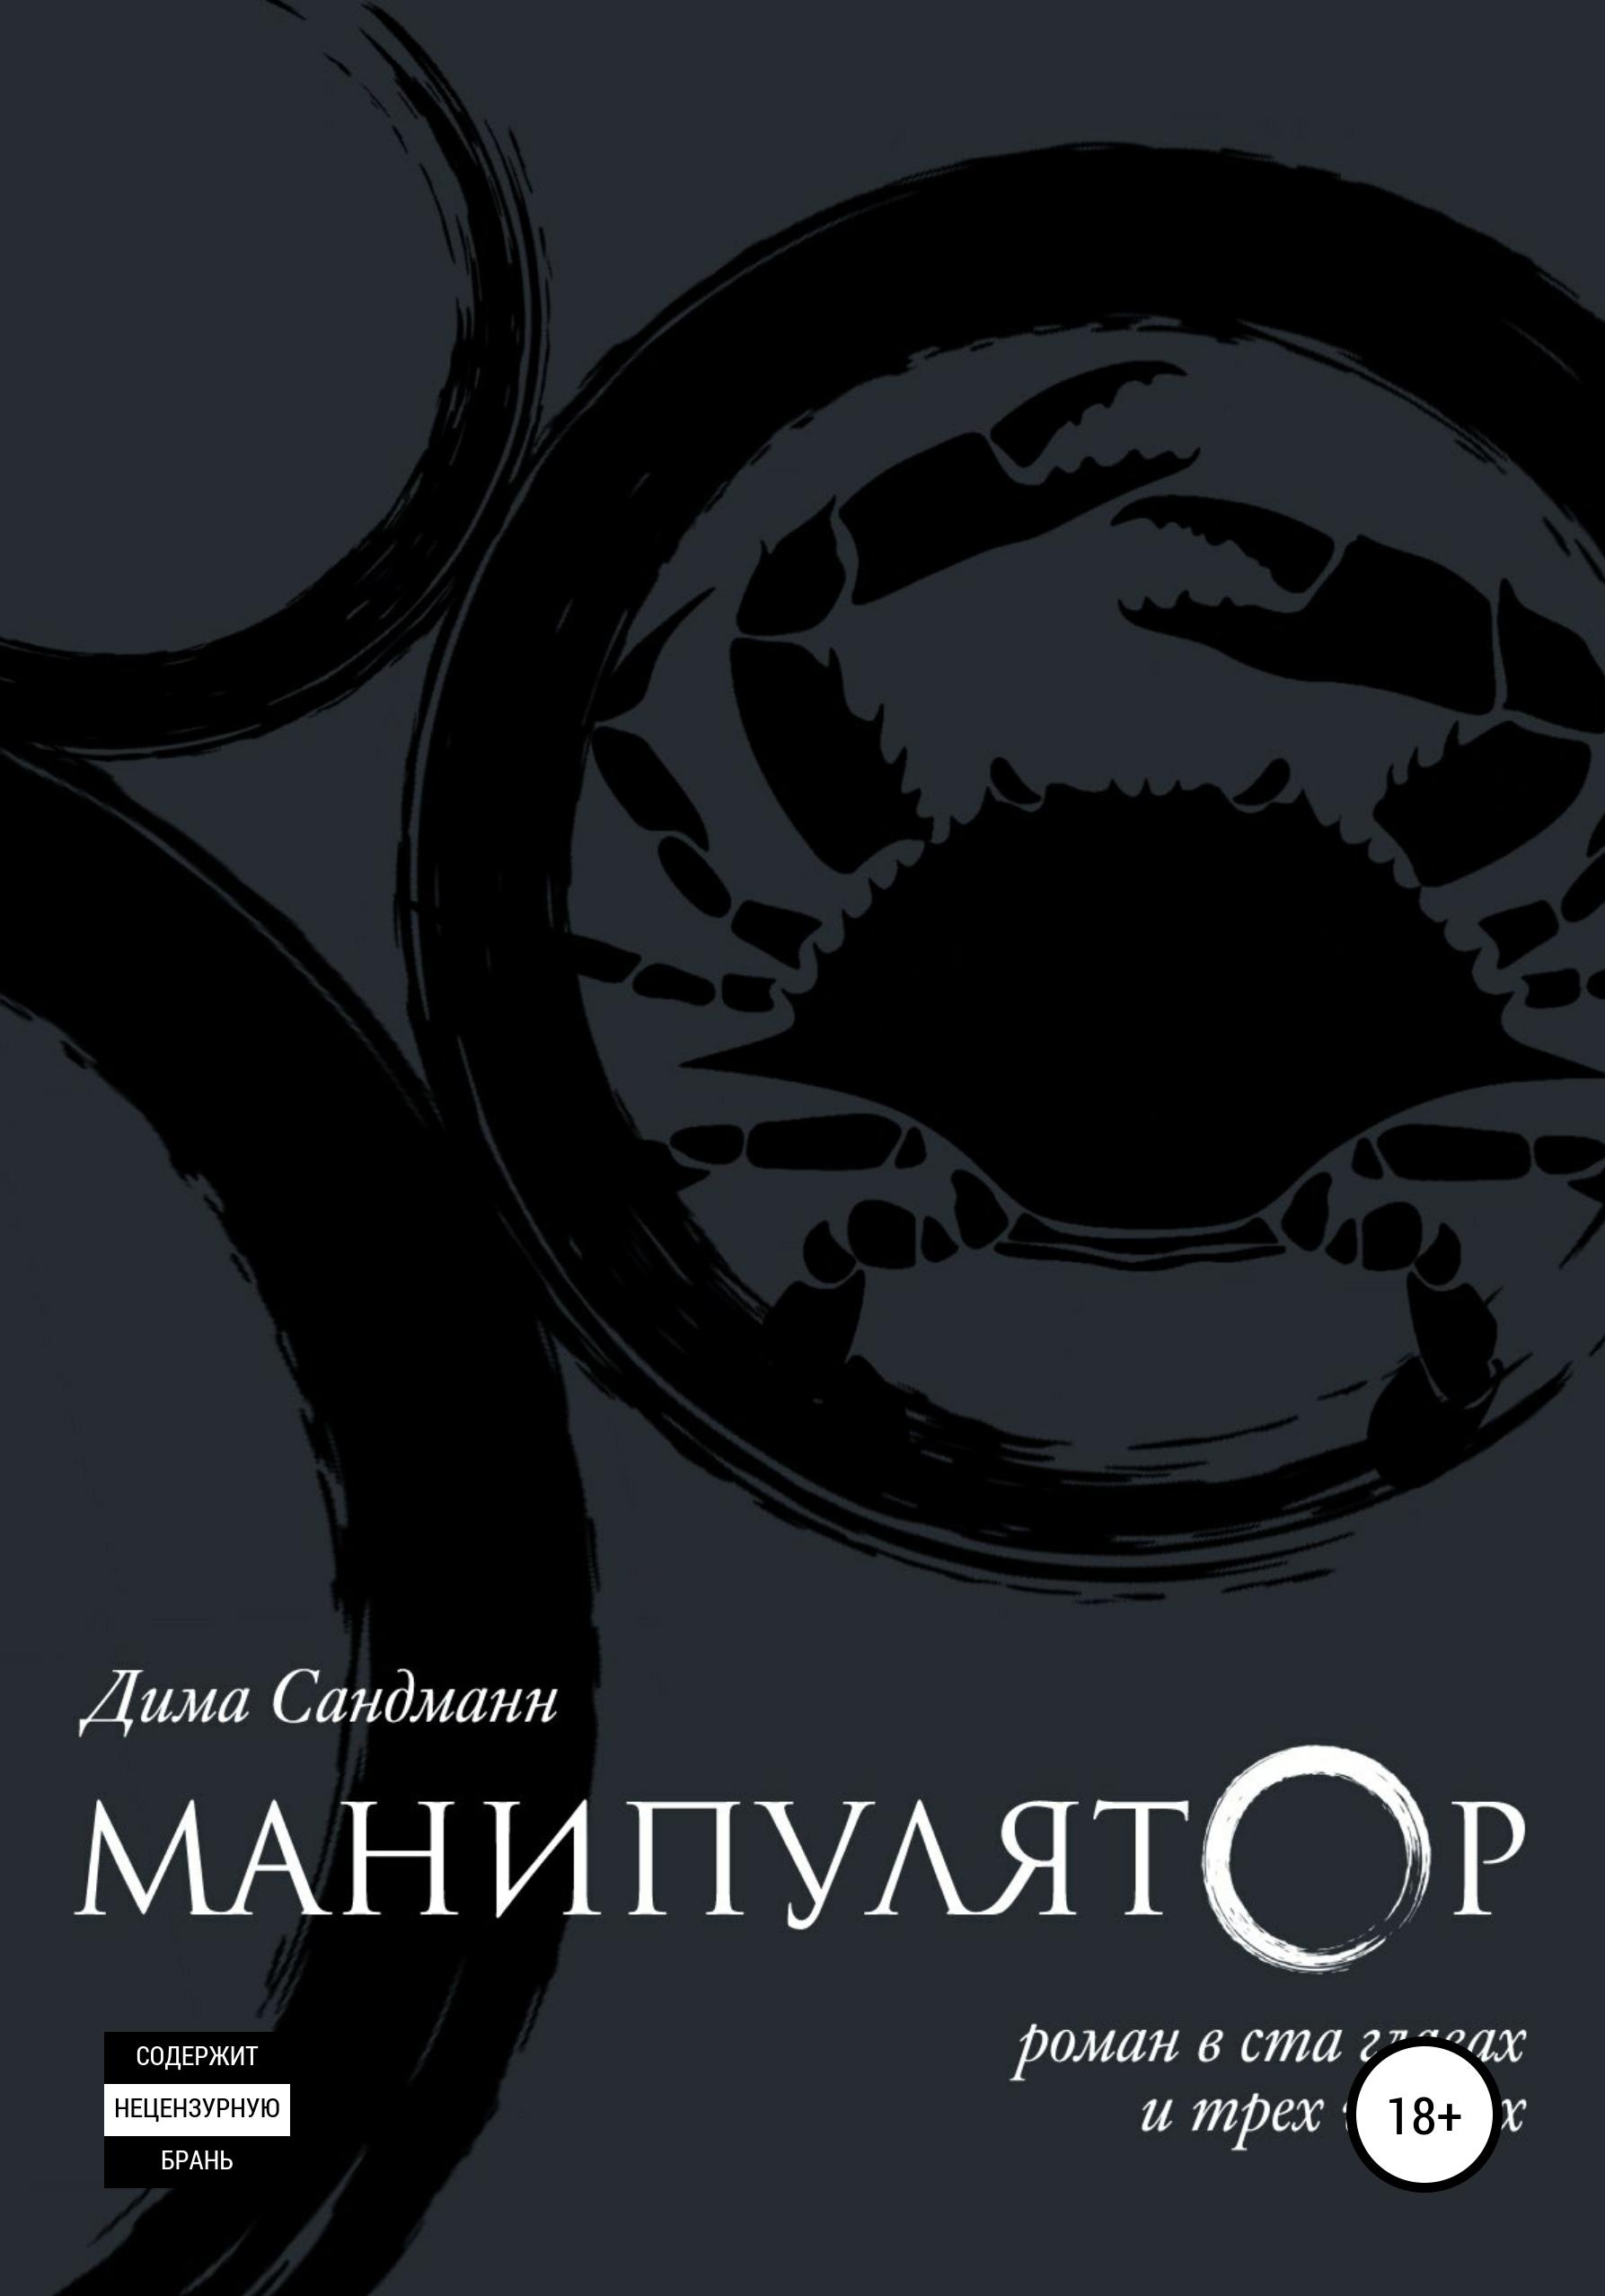 Дима Сандманн Манипулятор. Глава 009 дима сандманн манипулятор глава 009